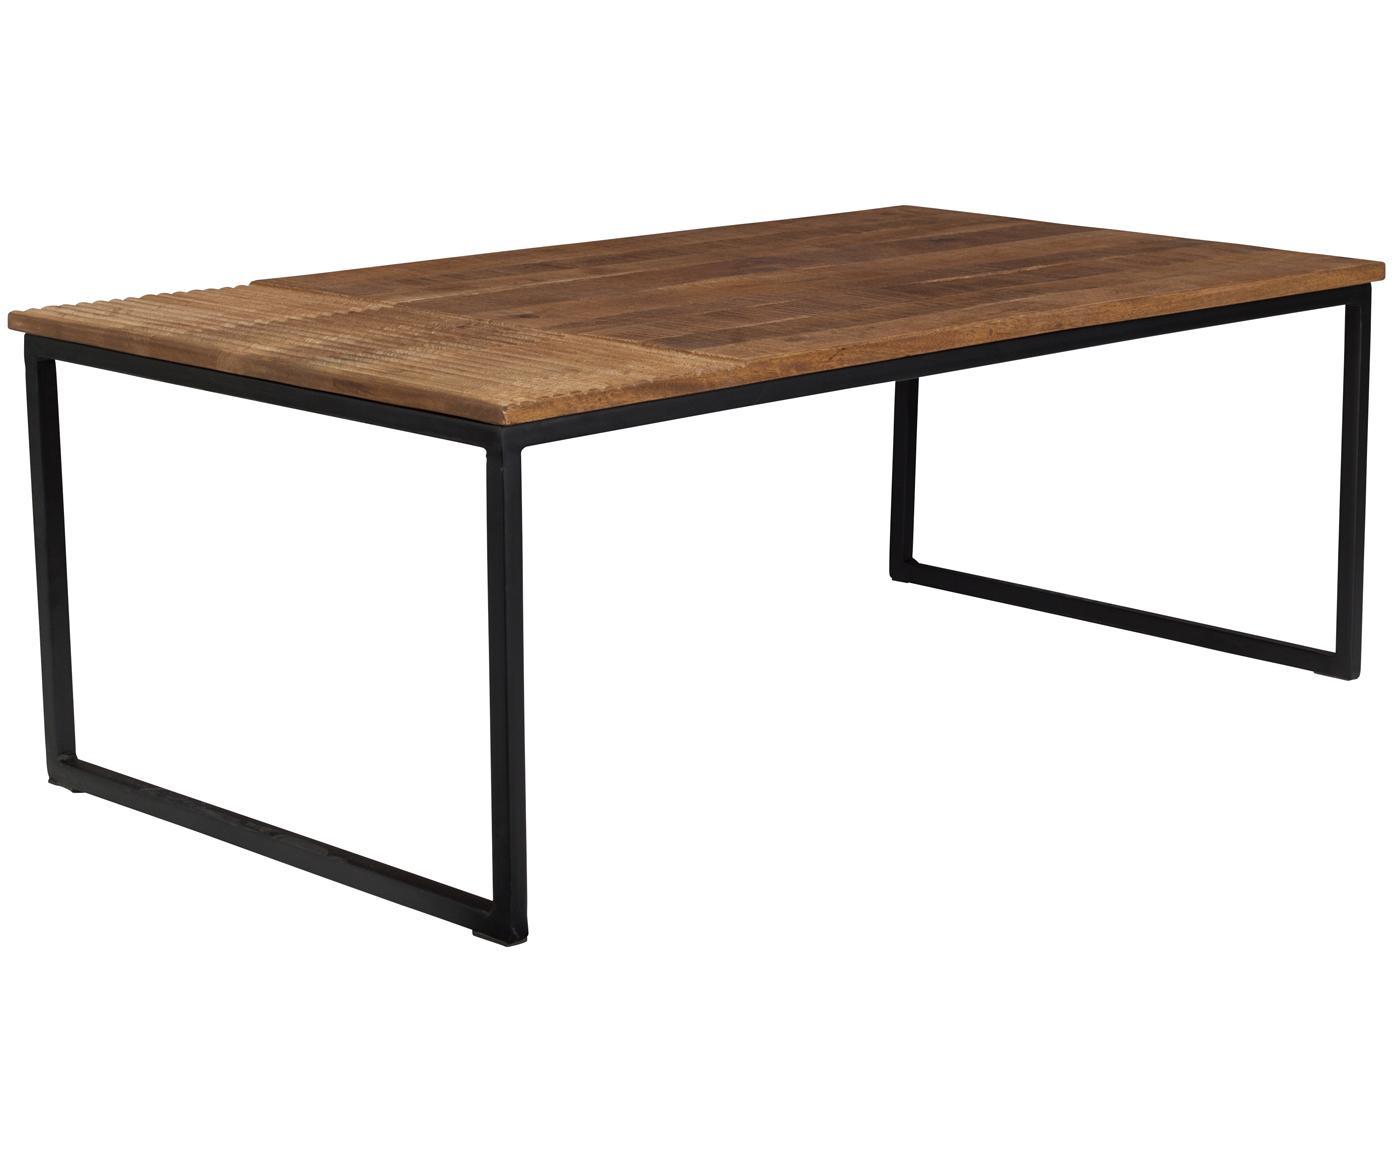 Couchtisch Randi im Industrial Design, Tischplatte: Mangoholz, massiv, Füße: Stahl, pulverbeschichtet, Tischplatte: Mangoholz Füße: Schwarz, B 110 x T 60 cm